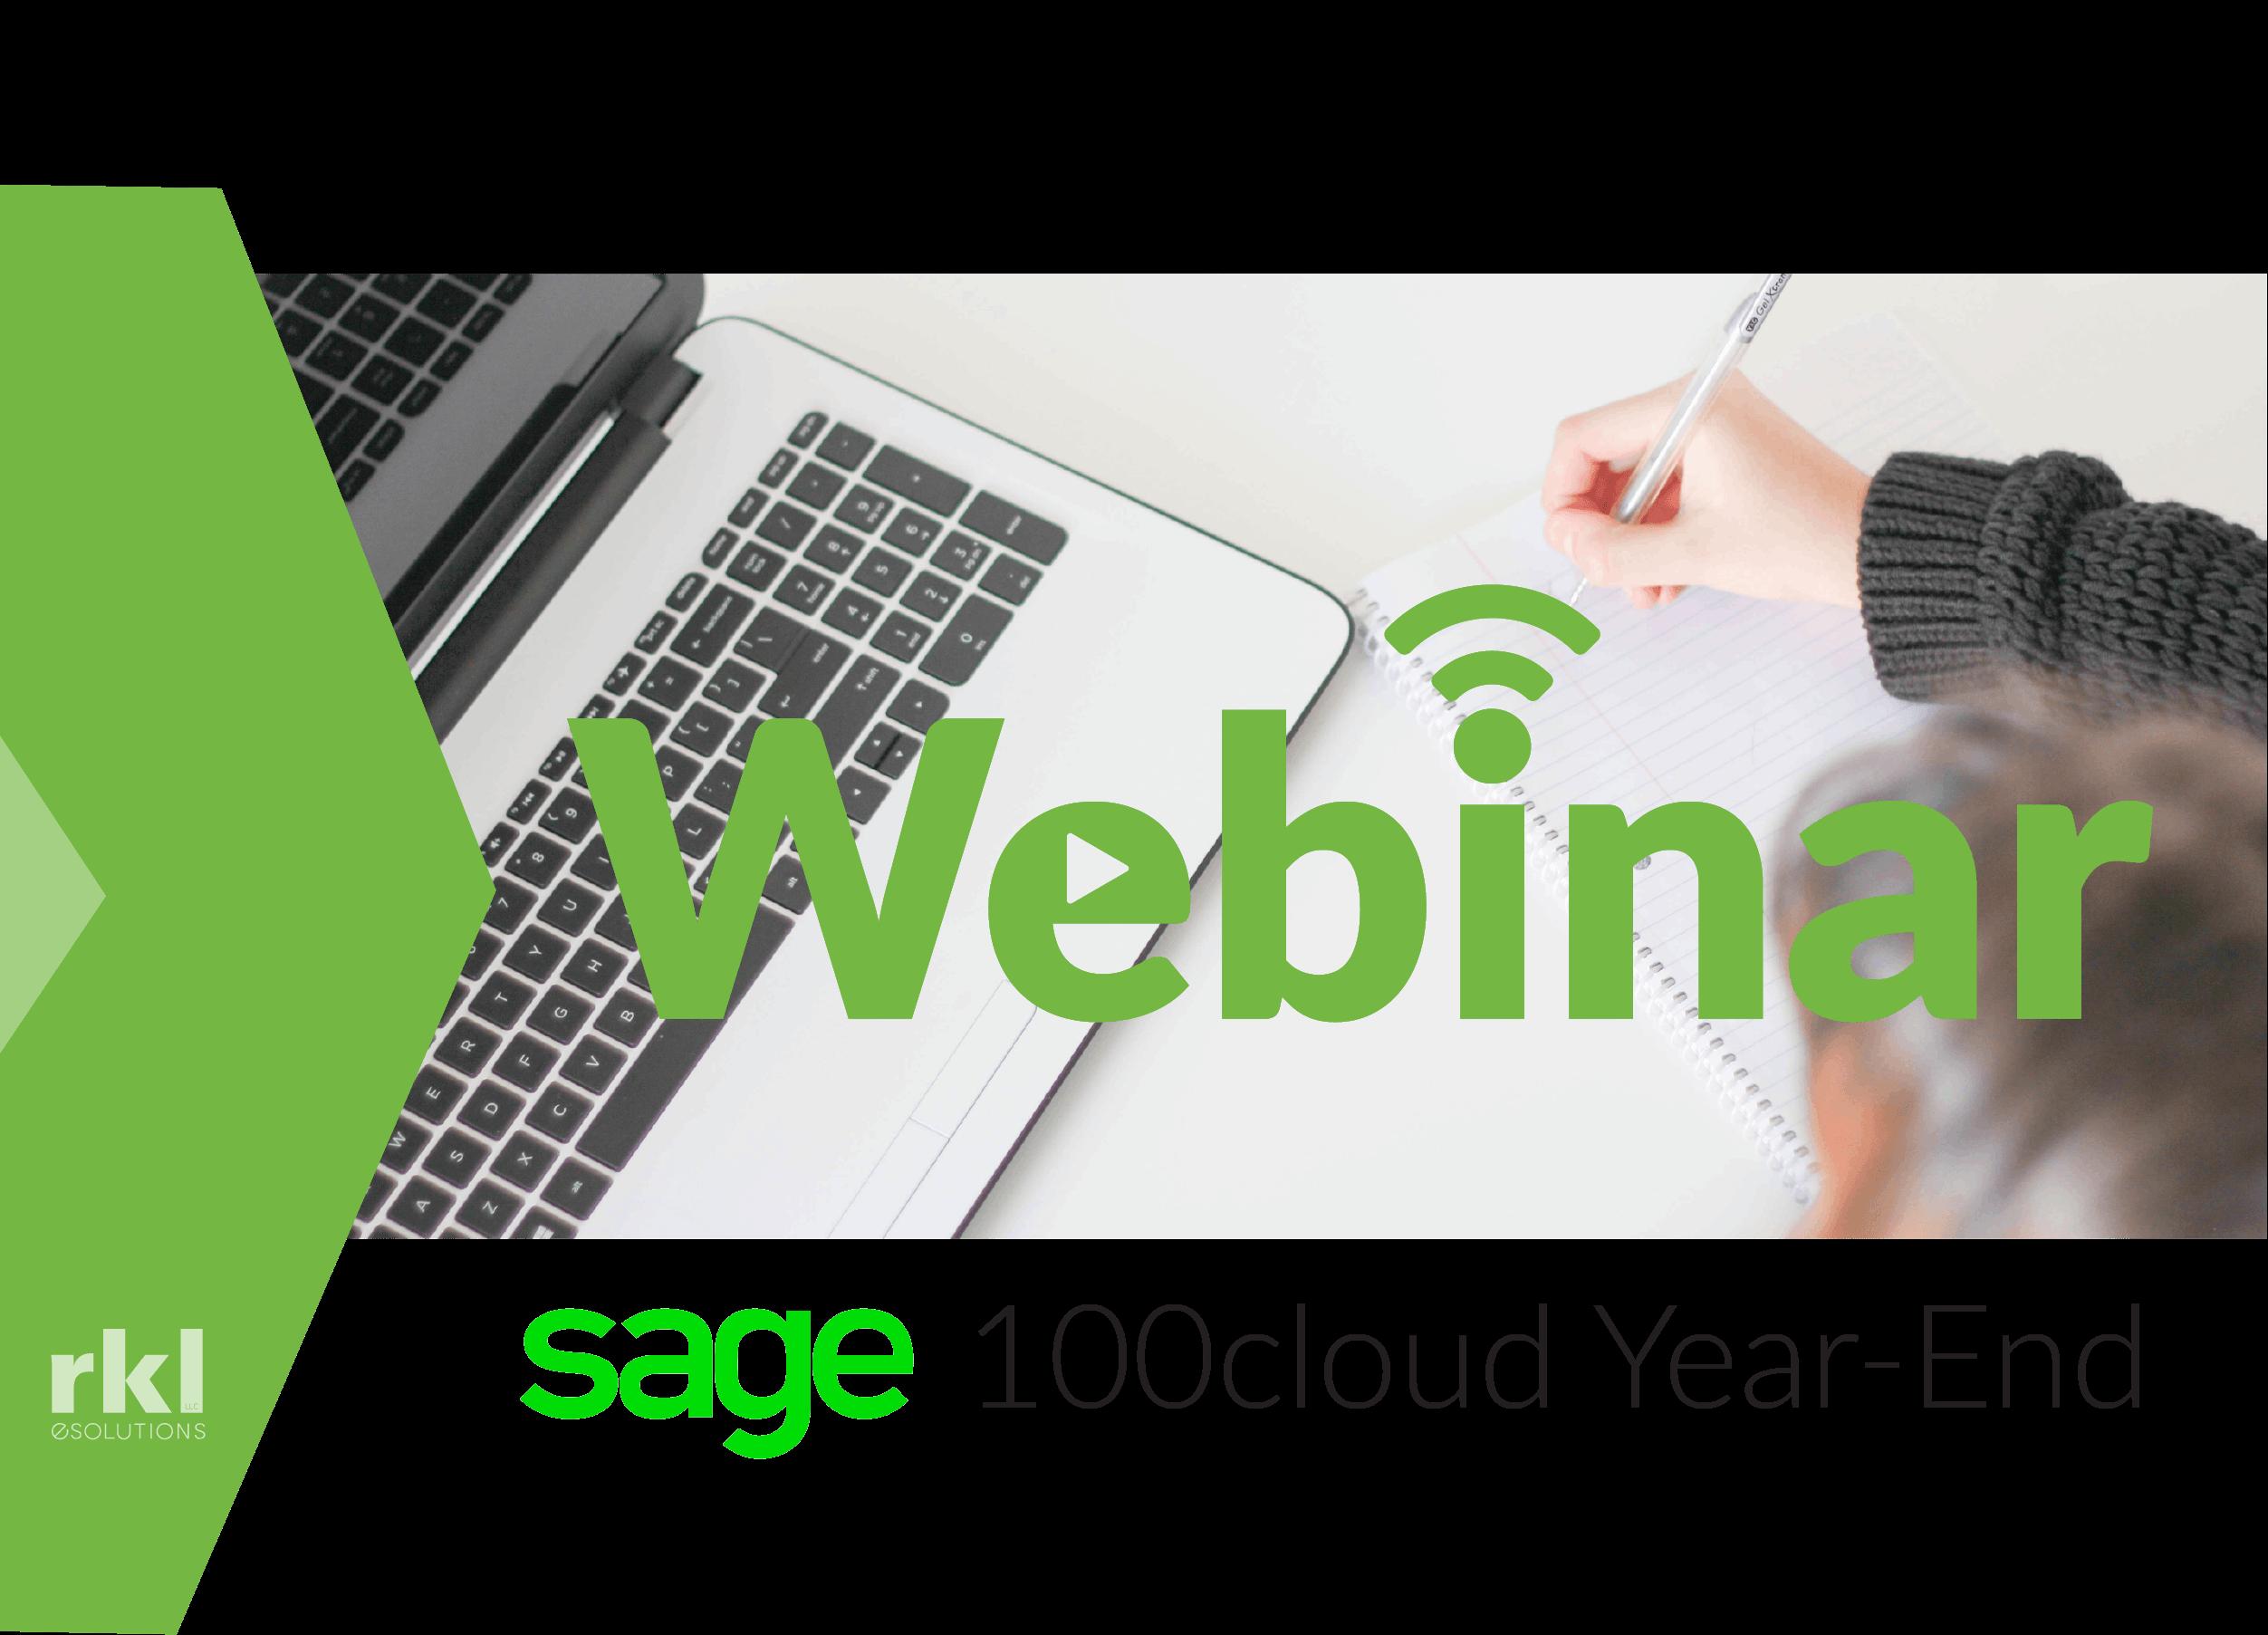 Webinar - Sage 100 year end